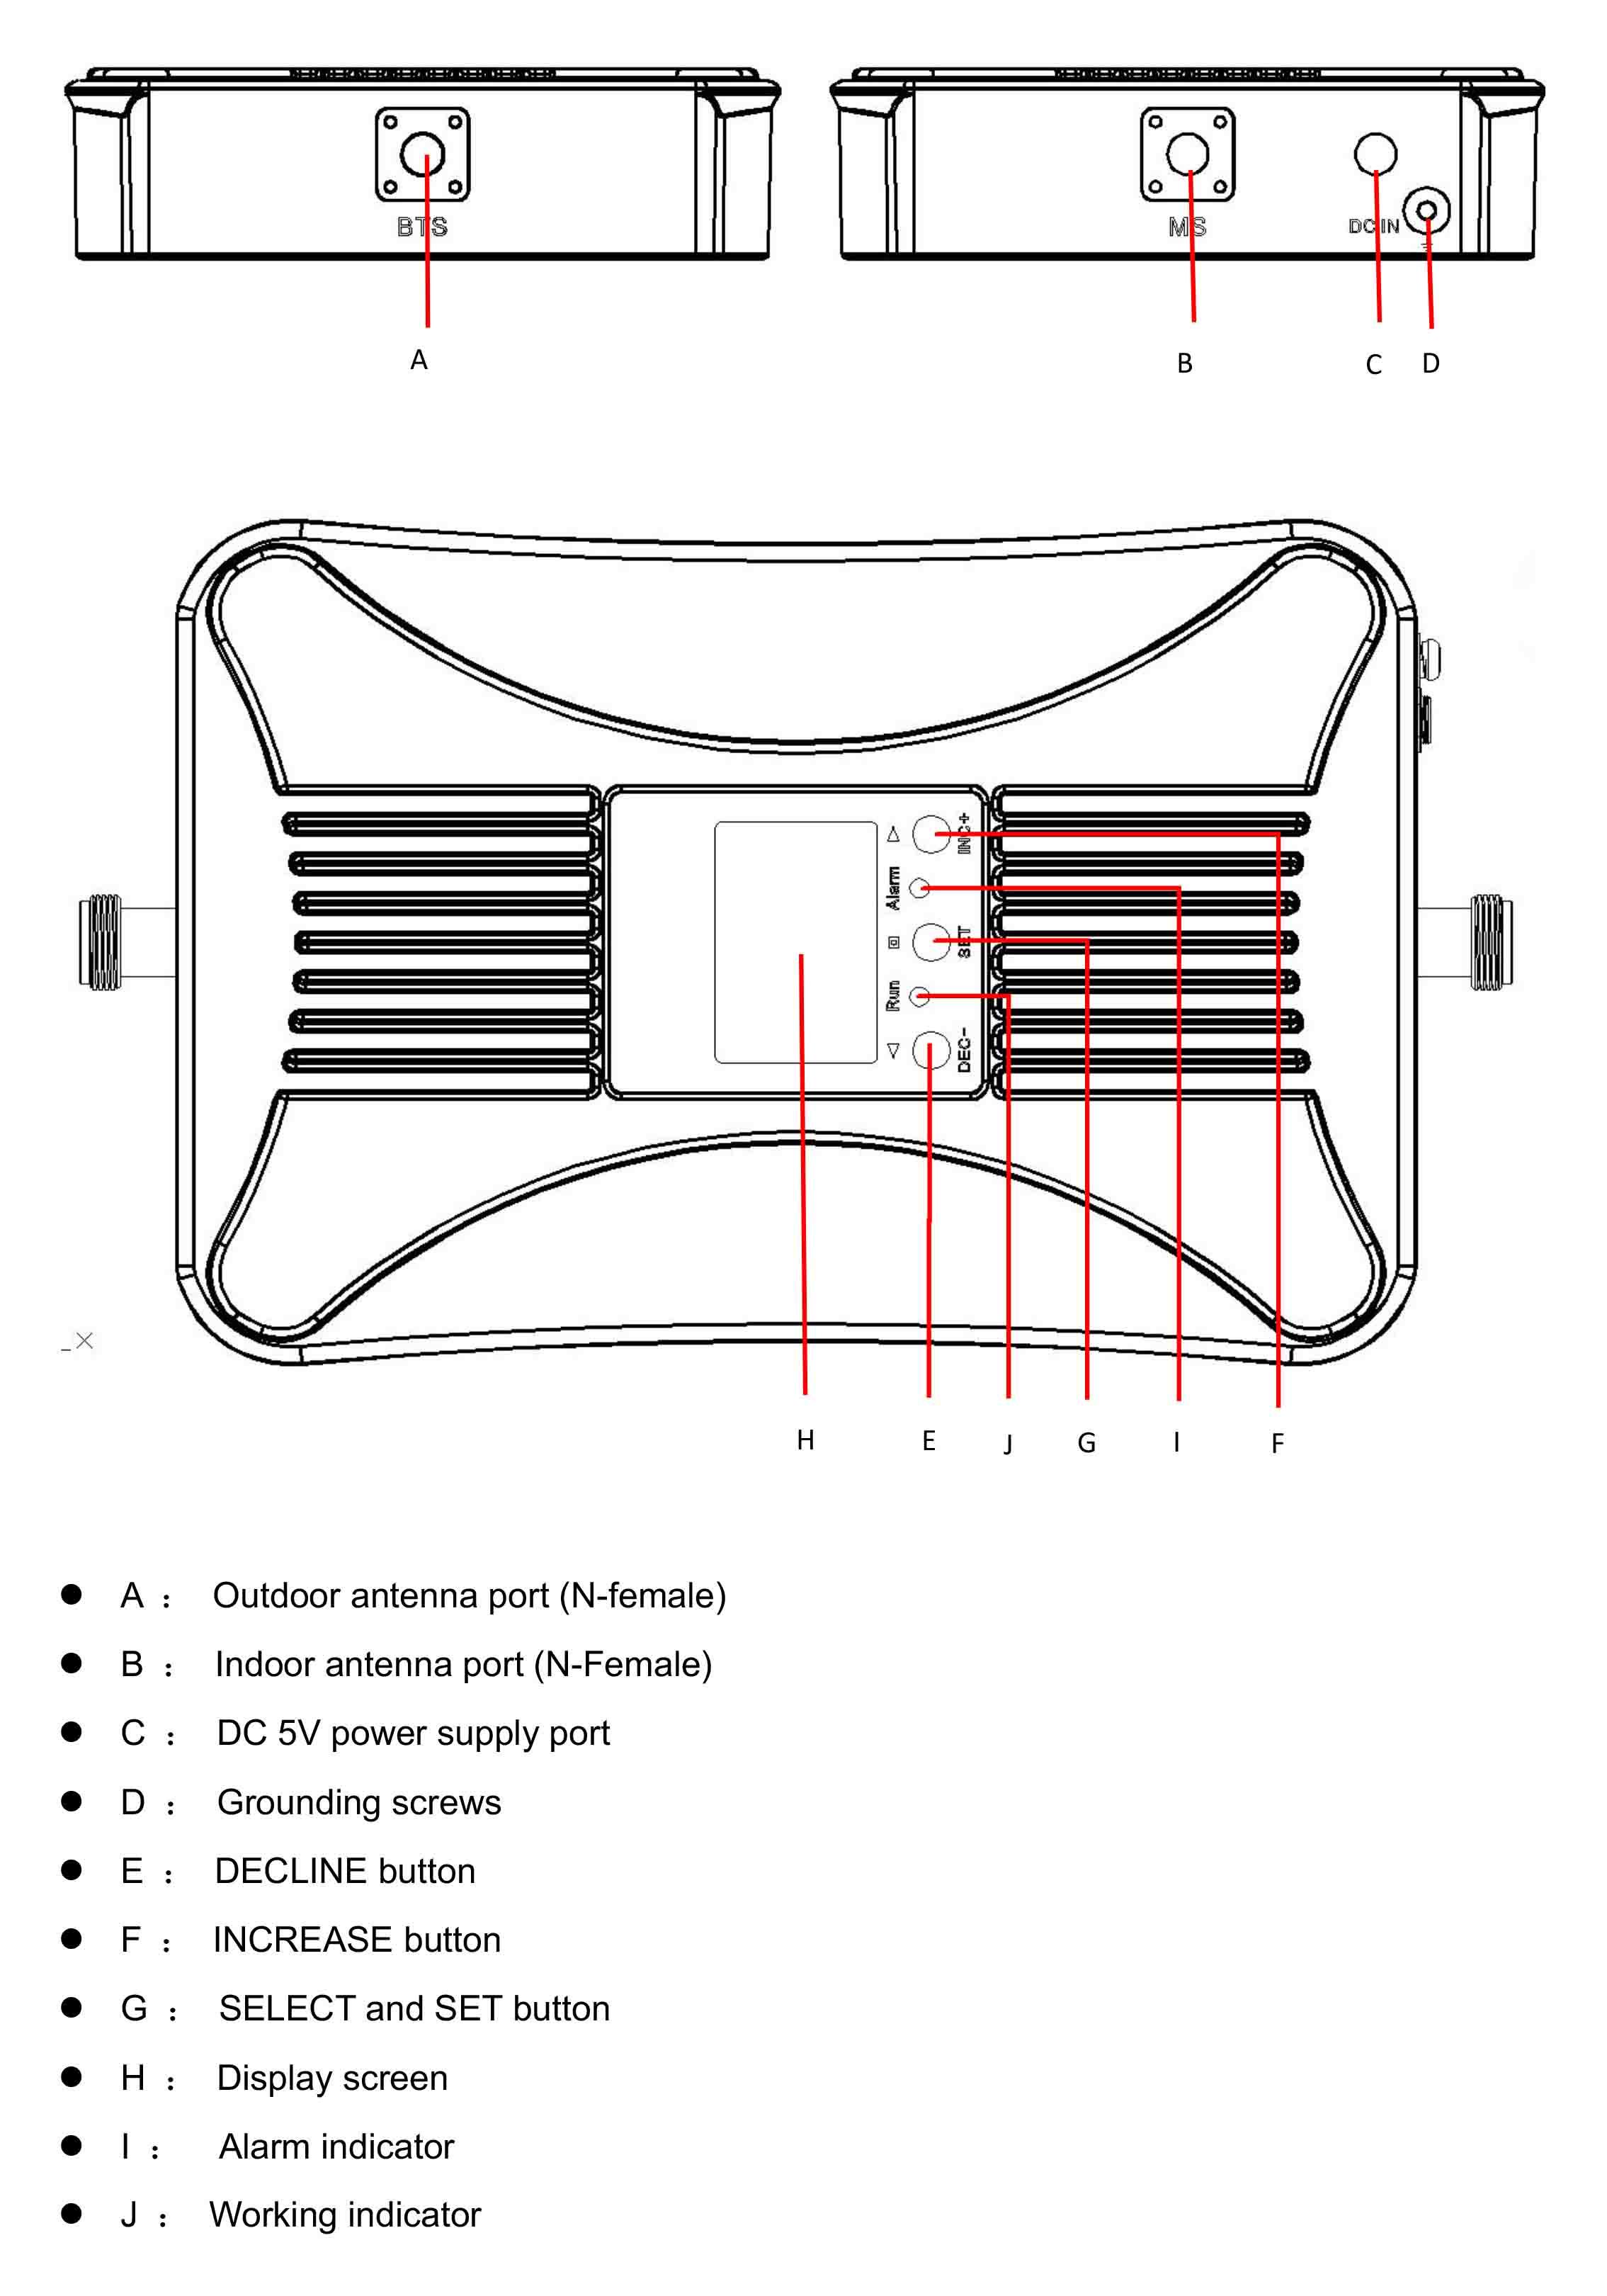 信号放大器, 直放站, 手机信号增强器, 手机信号放大器